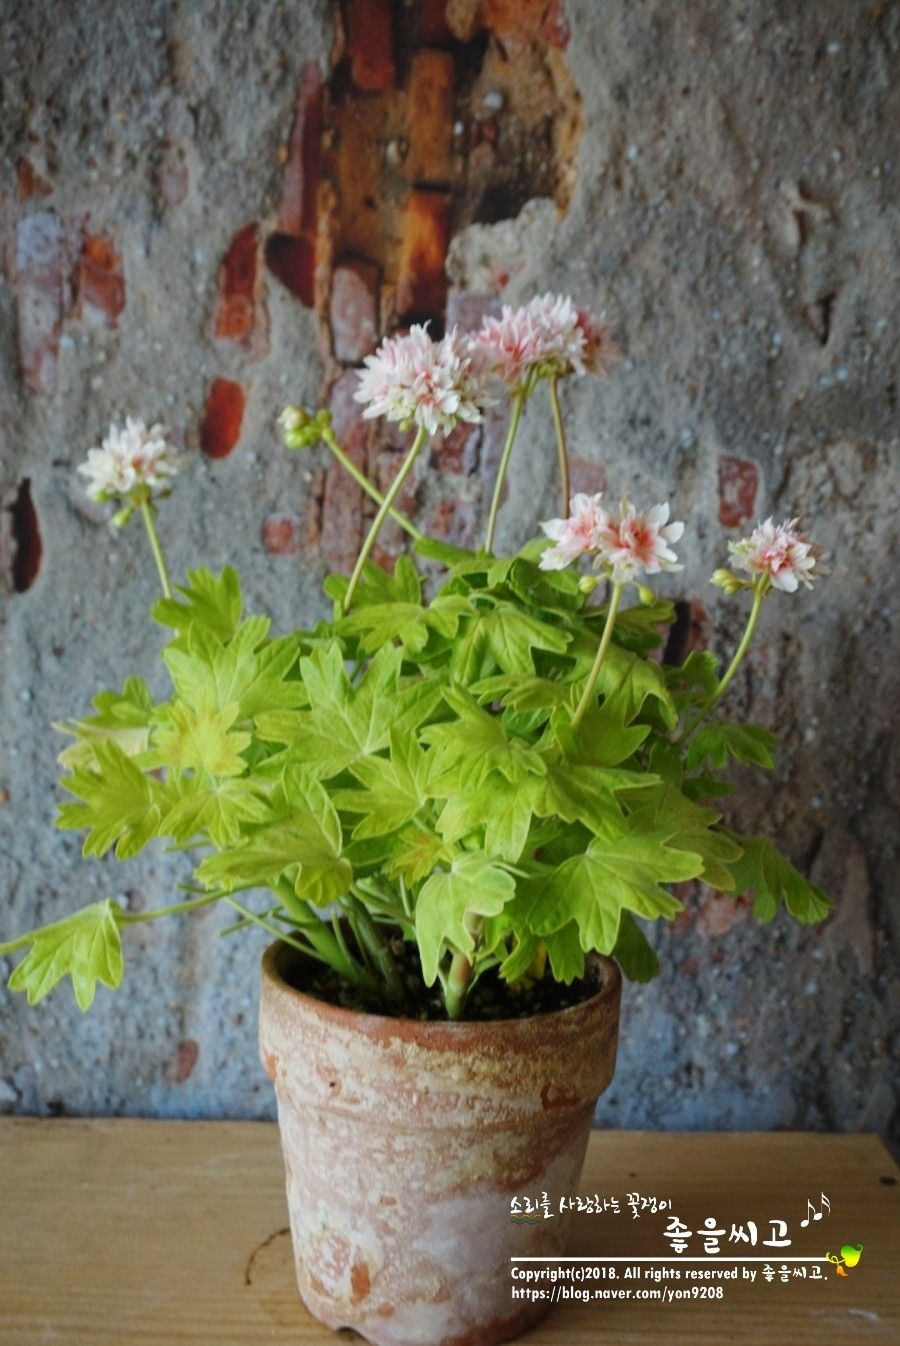 Immagini Piante E Fiori pin di edda dalloco su piante e fiori   gerani, fiori, piante